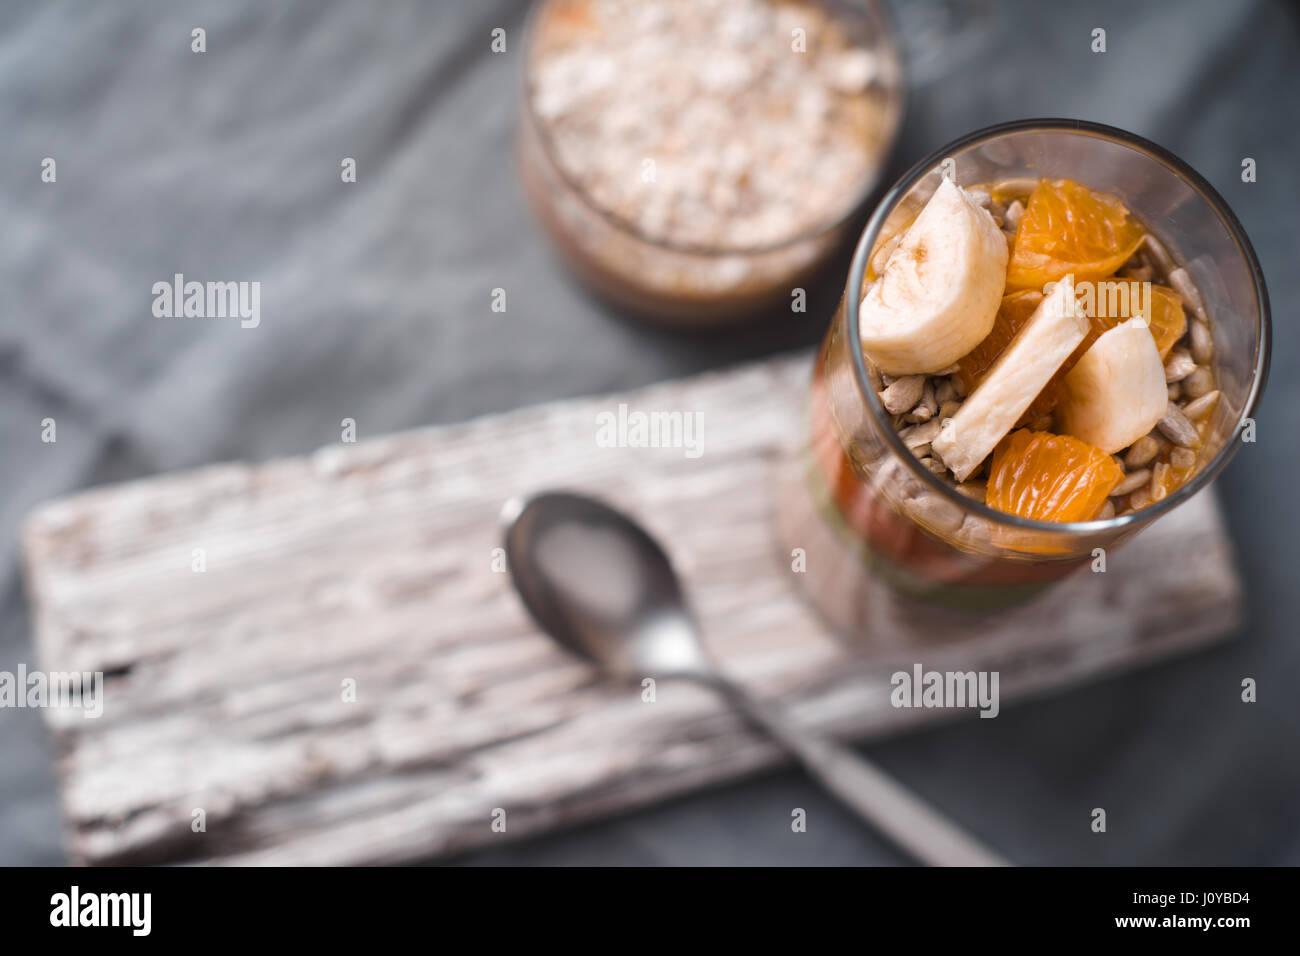 Postres de fruta y yogur en el fondo borroso vista superior Imagen De Stock